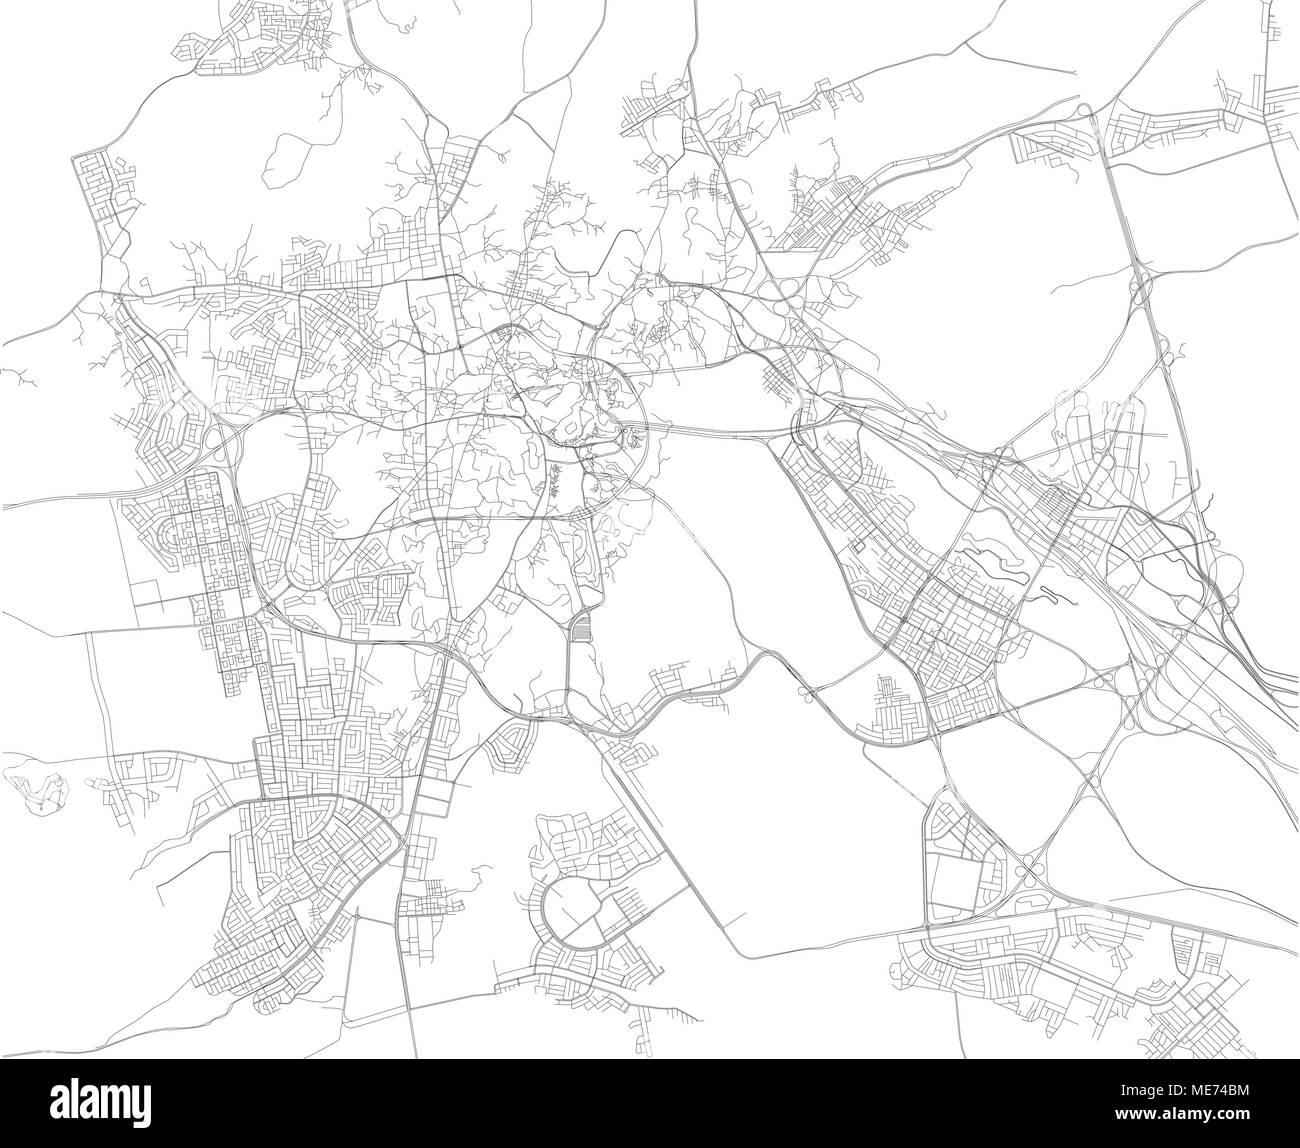 Mecca map, Makkah is a city in the Hejazi region of the Arabian ...